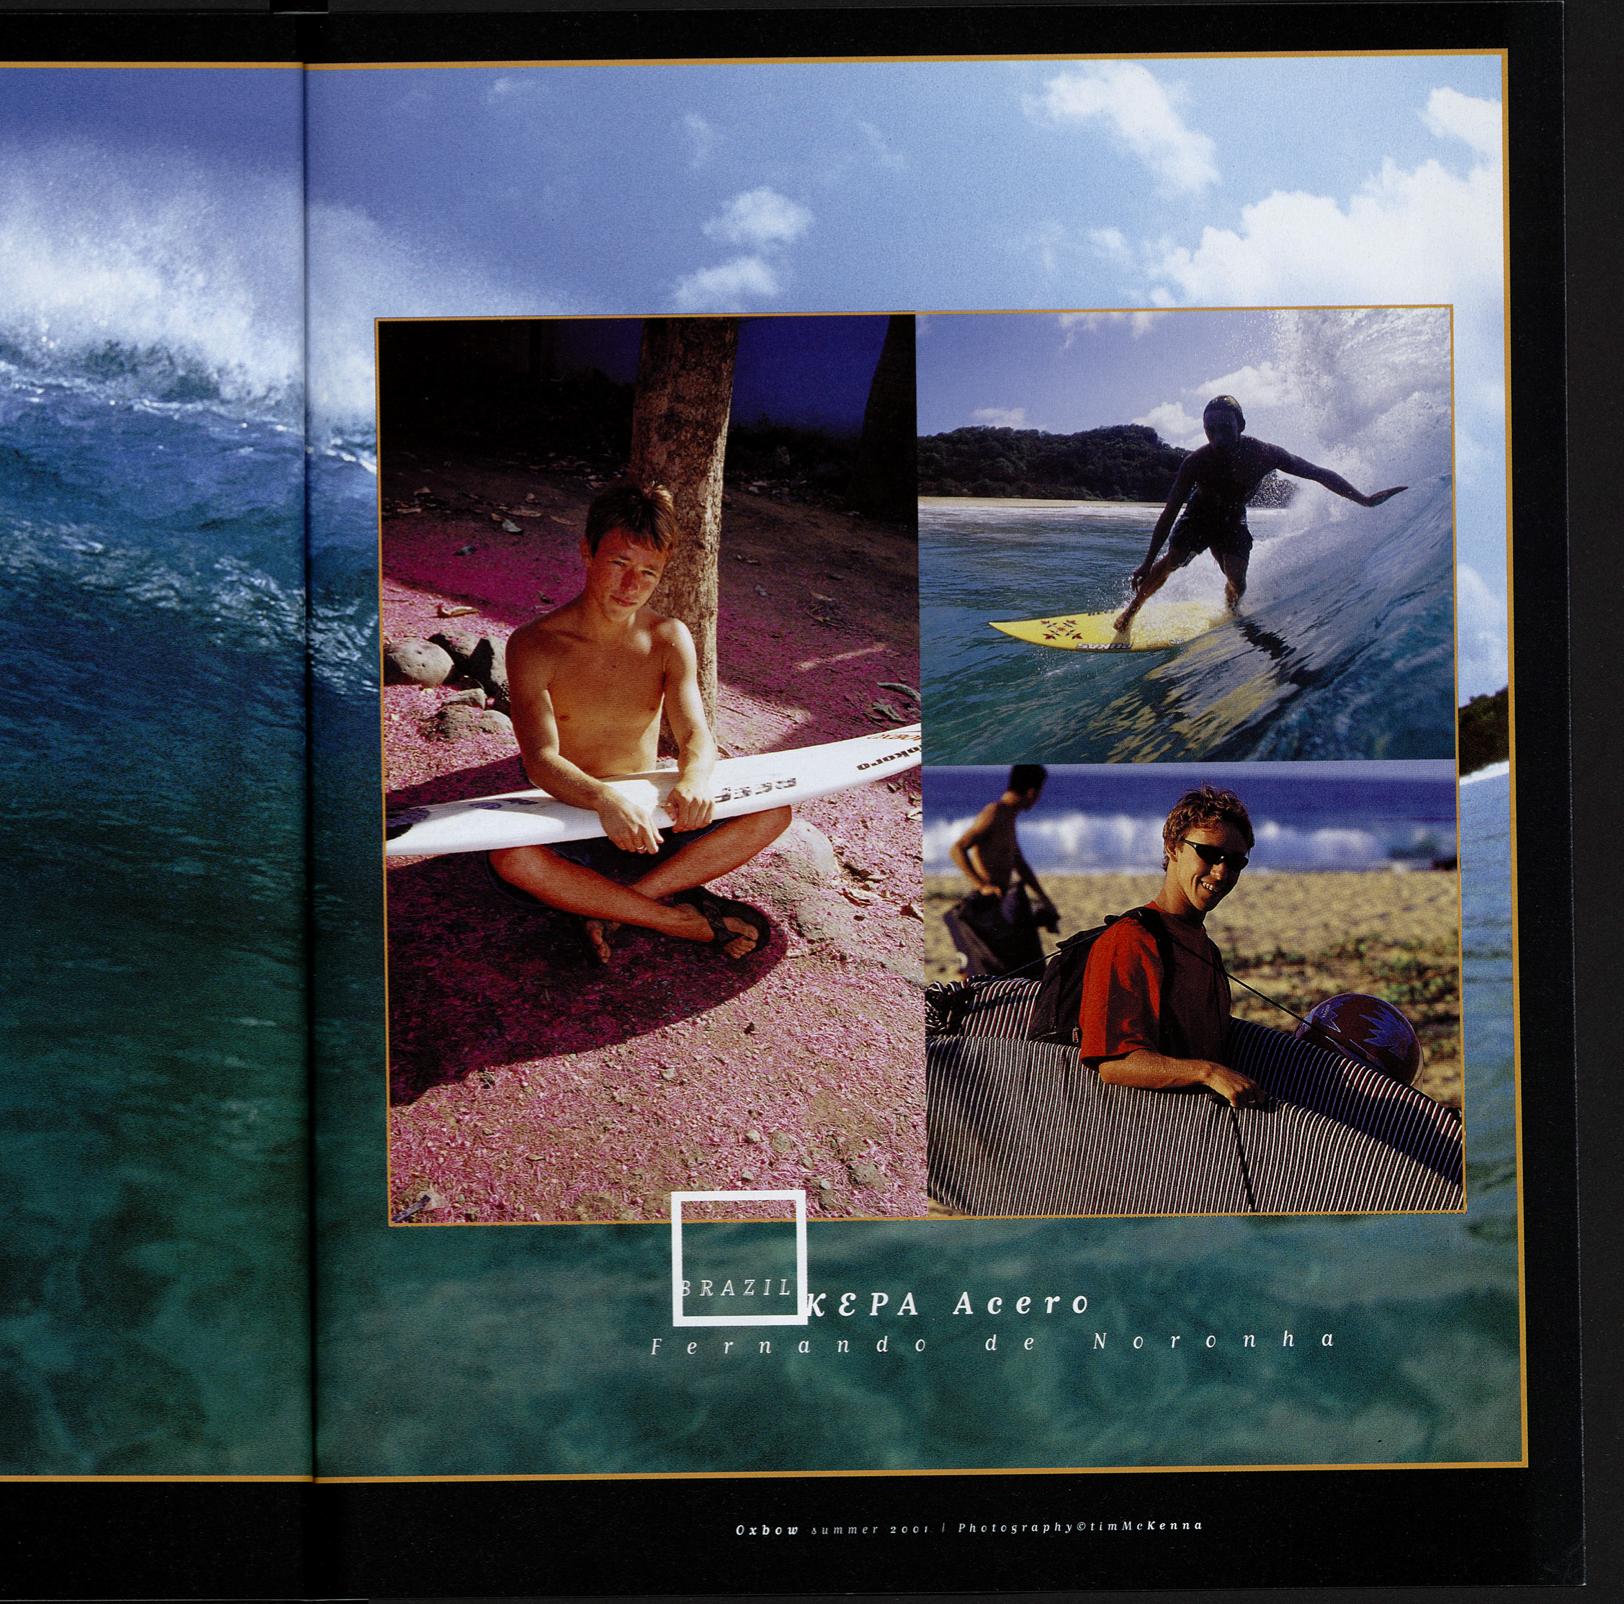 Kepa Acero catalogue Oxbow 2001